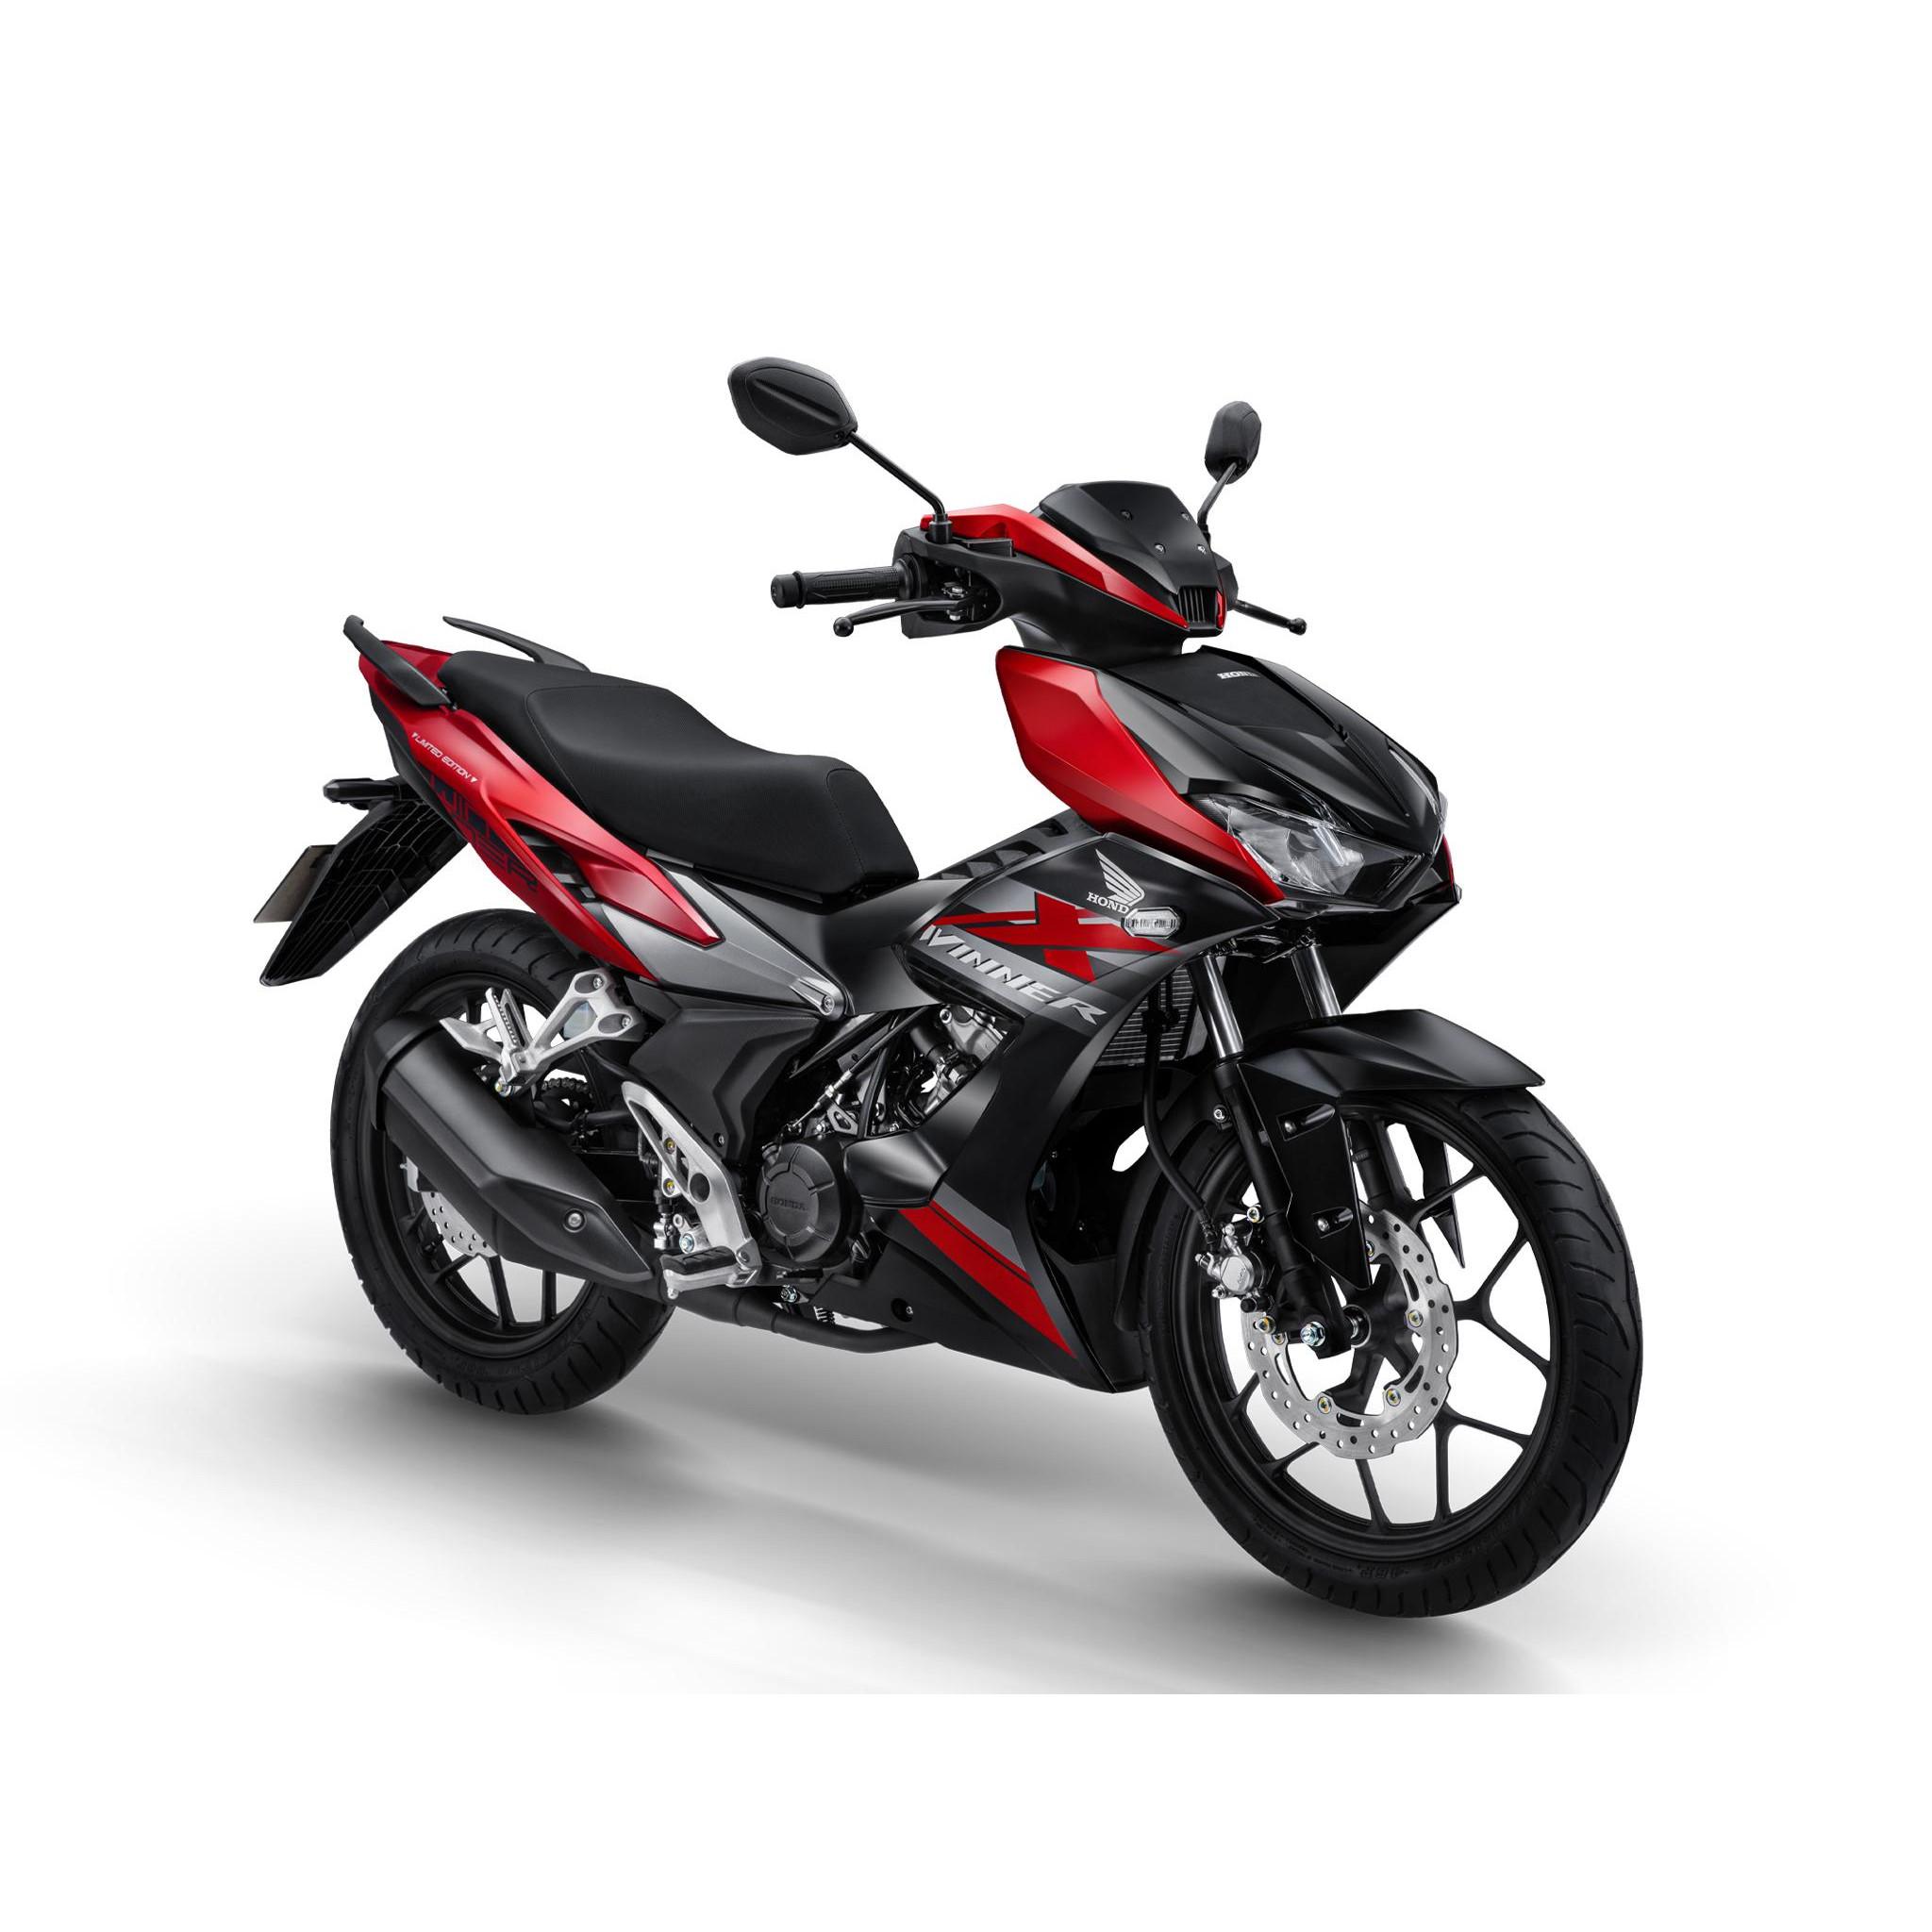 Xe Máy Honda Winner X - Phiên Bản Giới Hạn - Đen Đỏ Xám